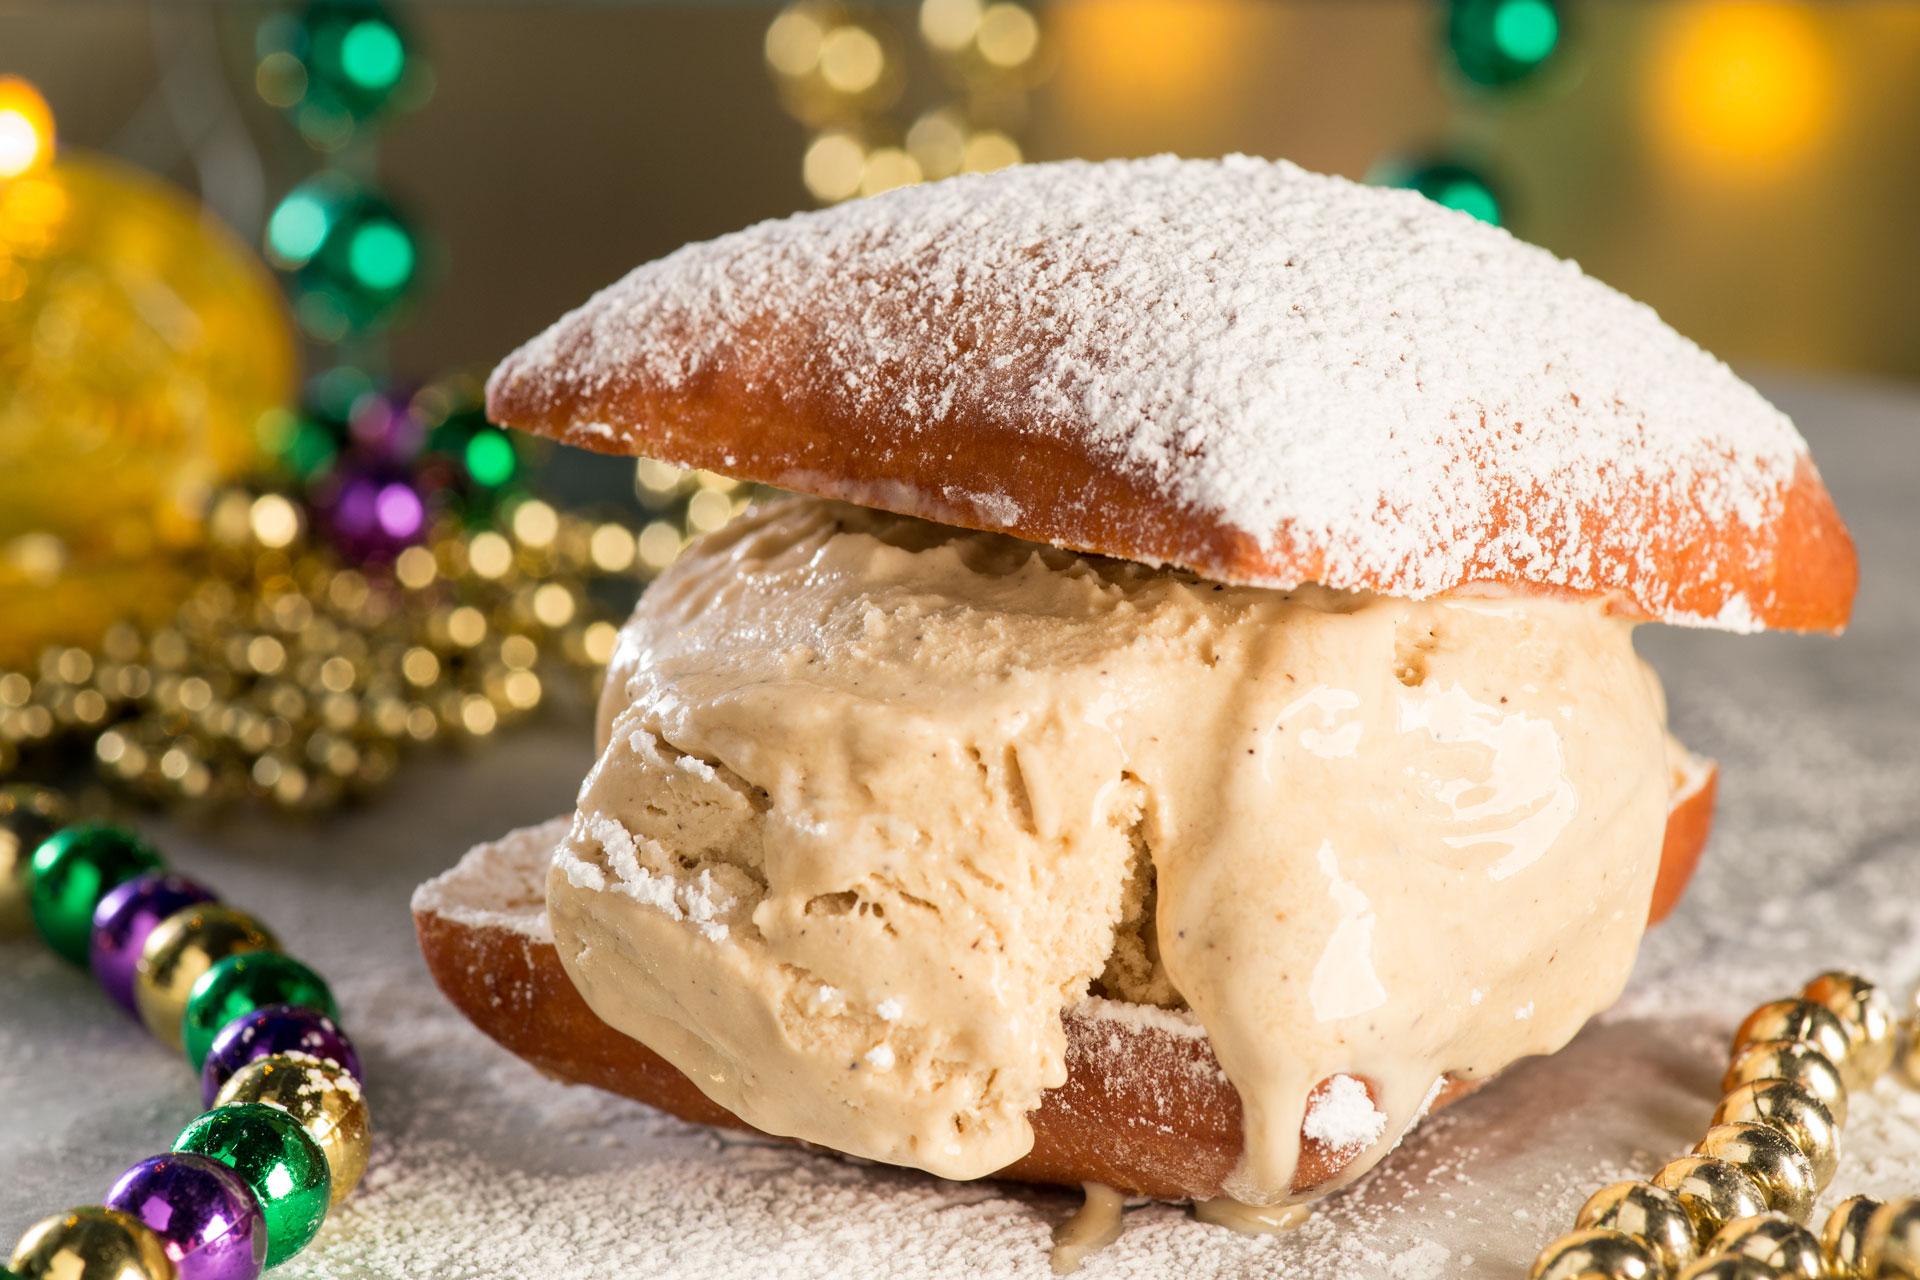 French Coffee & Beignet Ice Cream Sandwiches